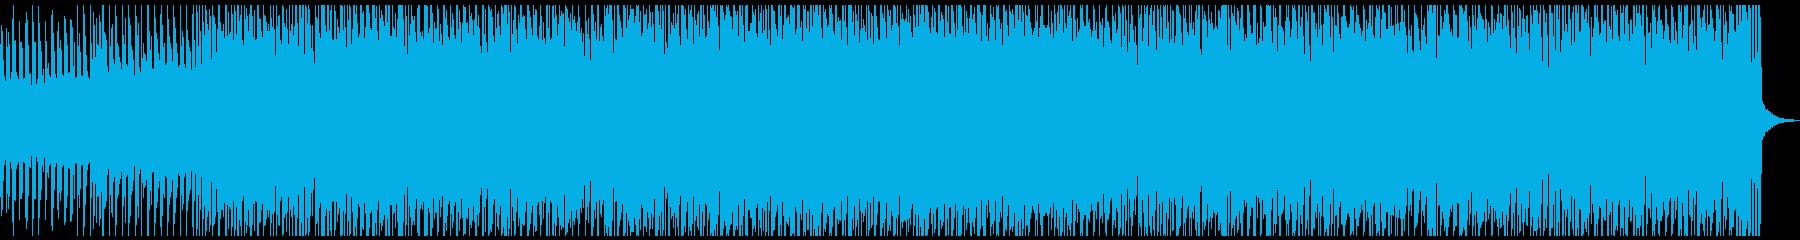 ちょっと暗めなダンスミュージック風の再生済みの波形